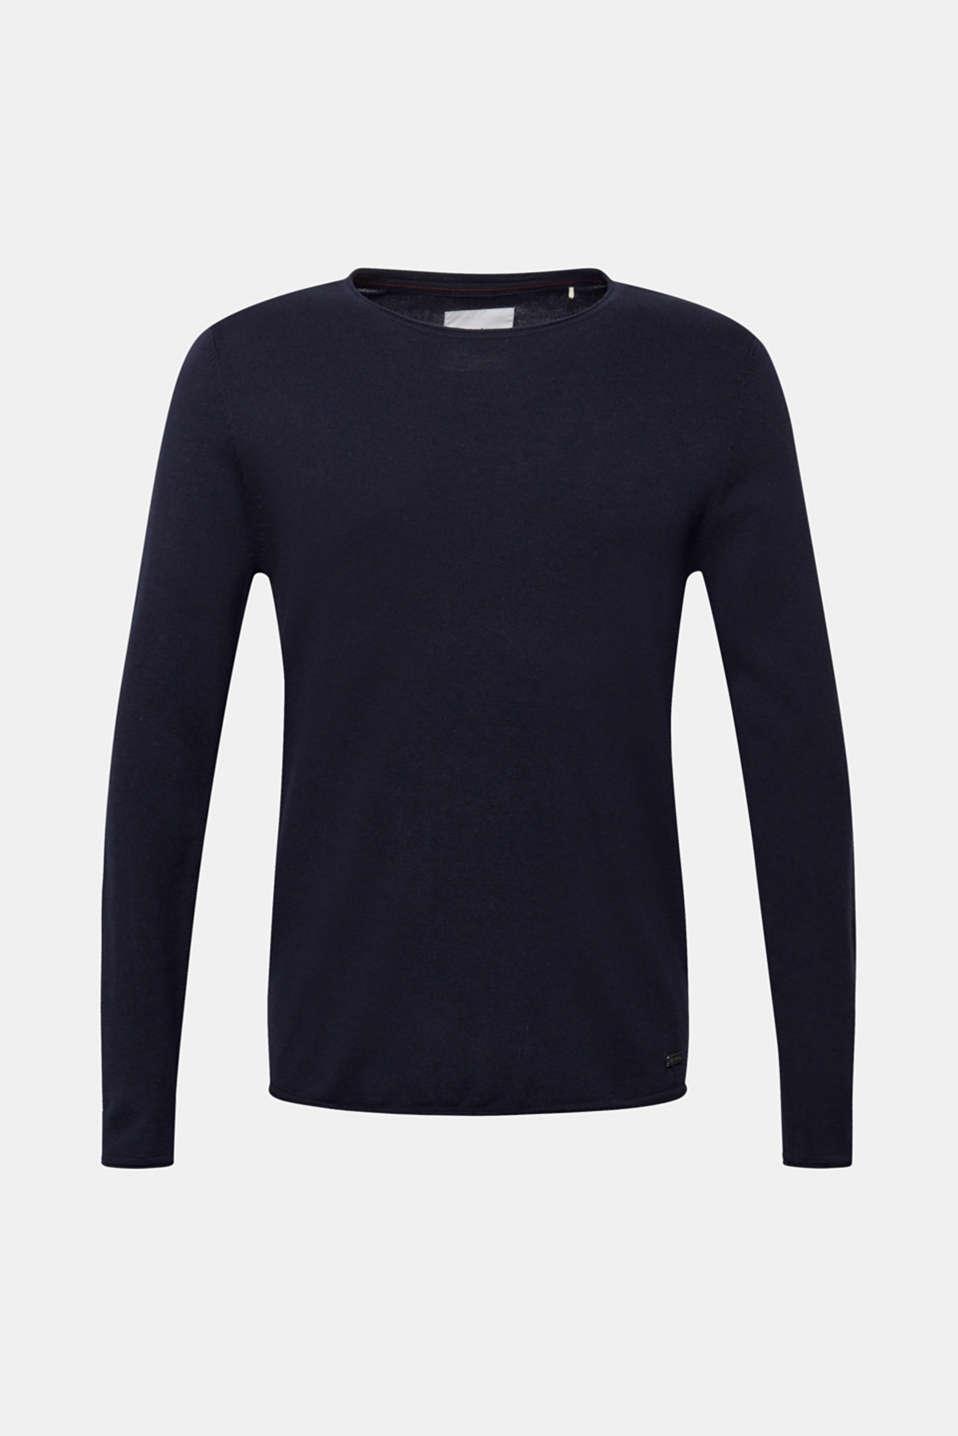 Fine knit cotton jumper, NAVY, detail image number 7